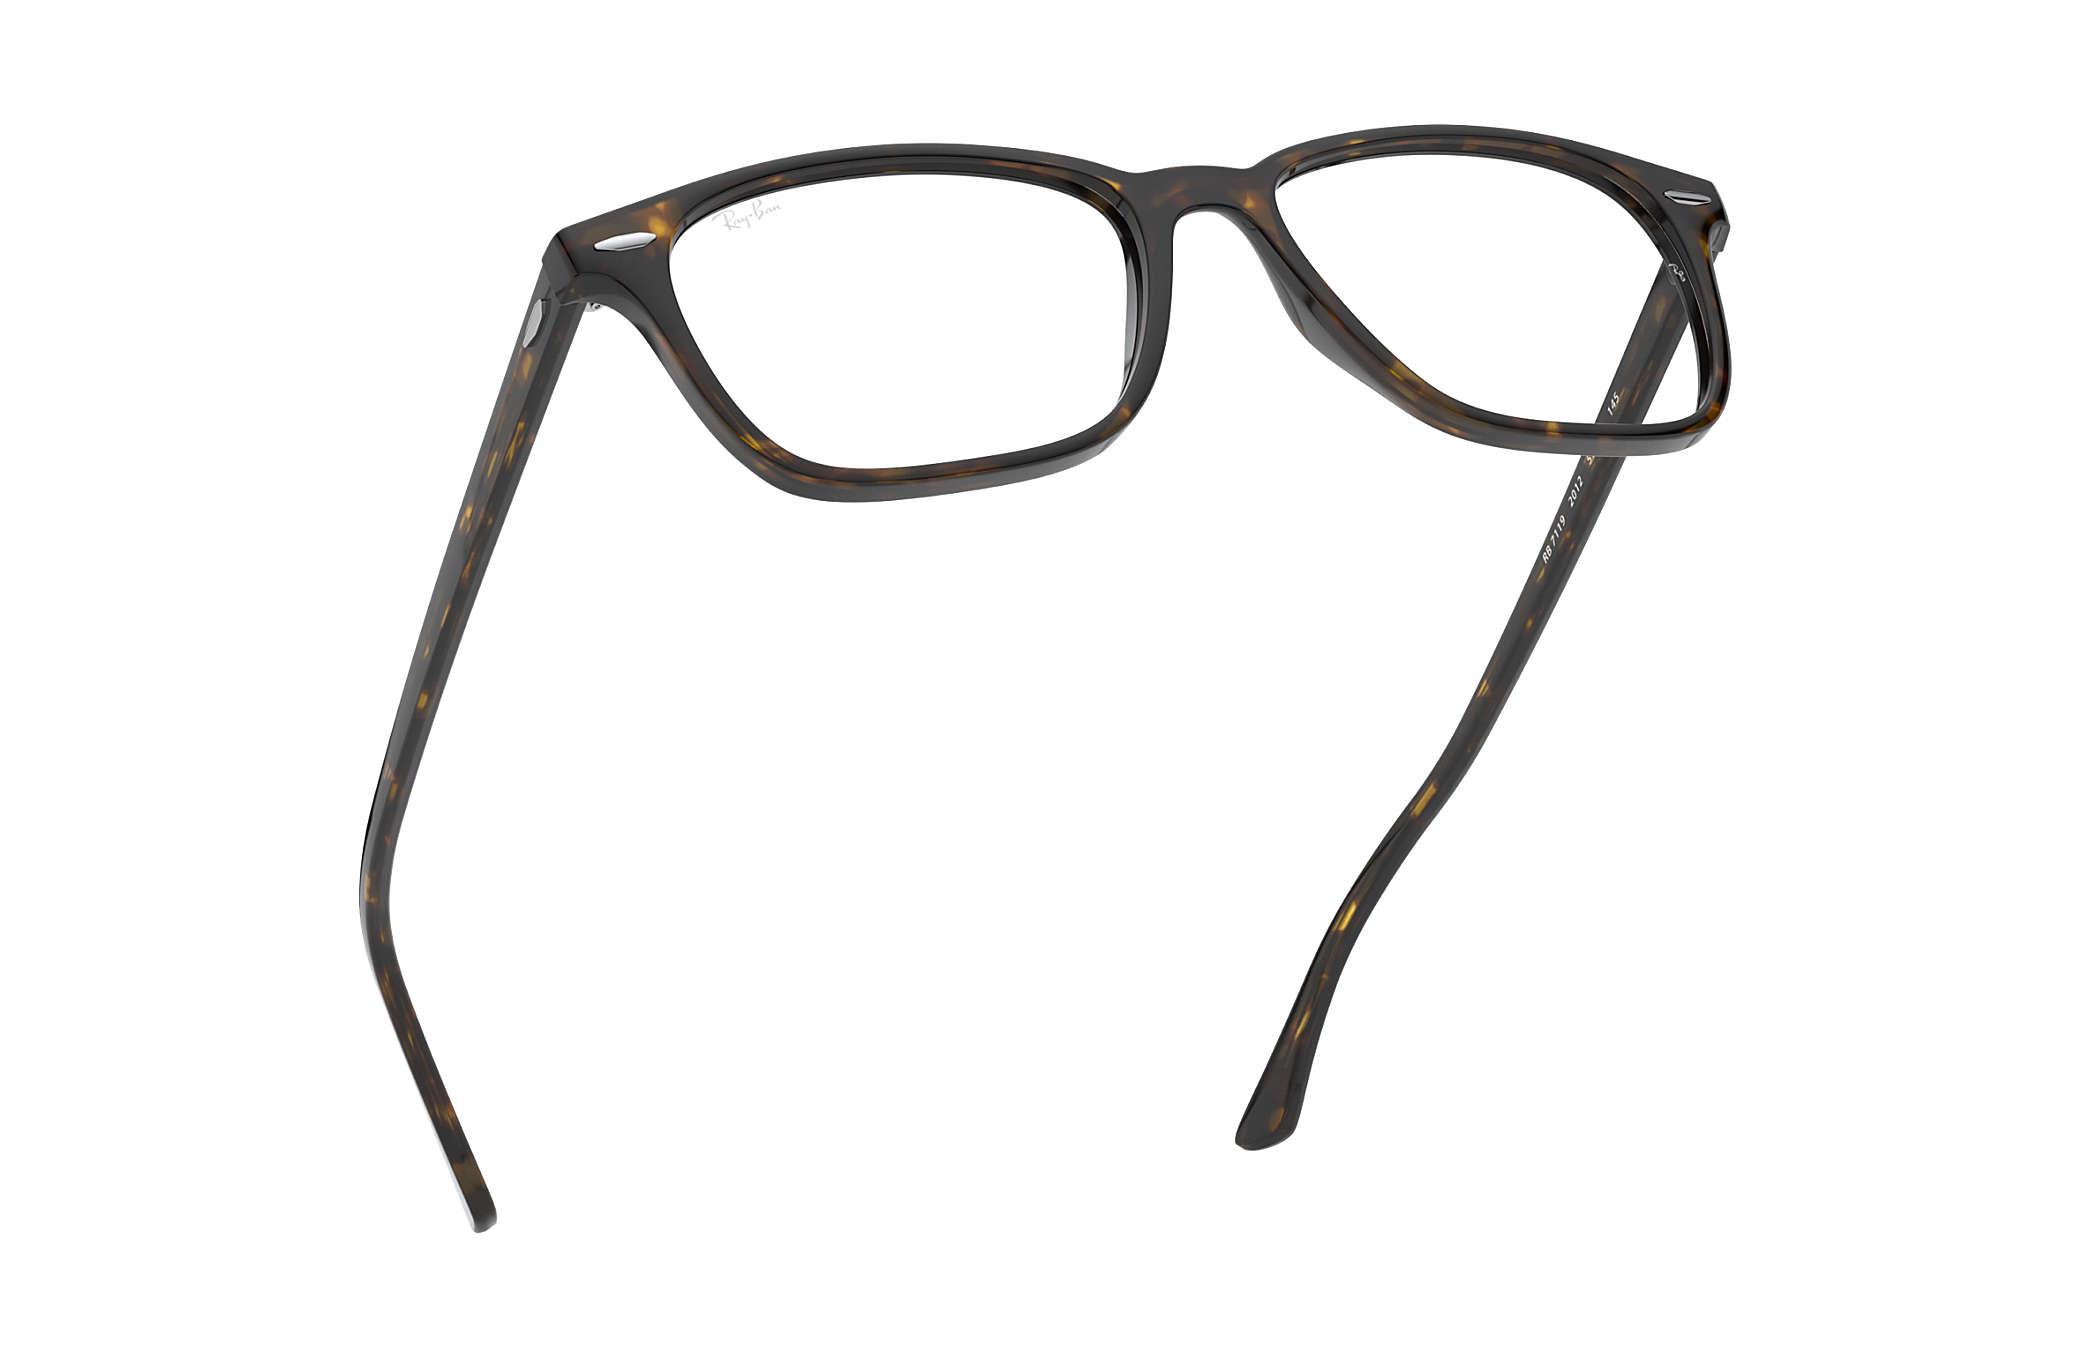 48b1bc75f0c Ray-Ban eyeglasses RB7119 Tortoise - Propionate - 0RX7119201253 ...